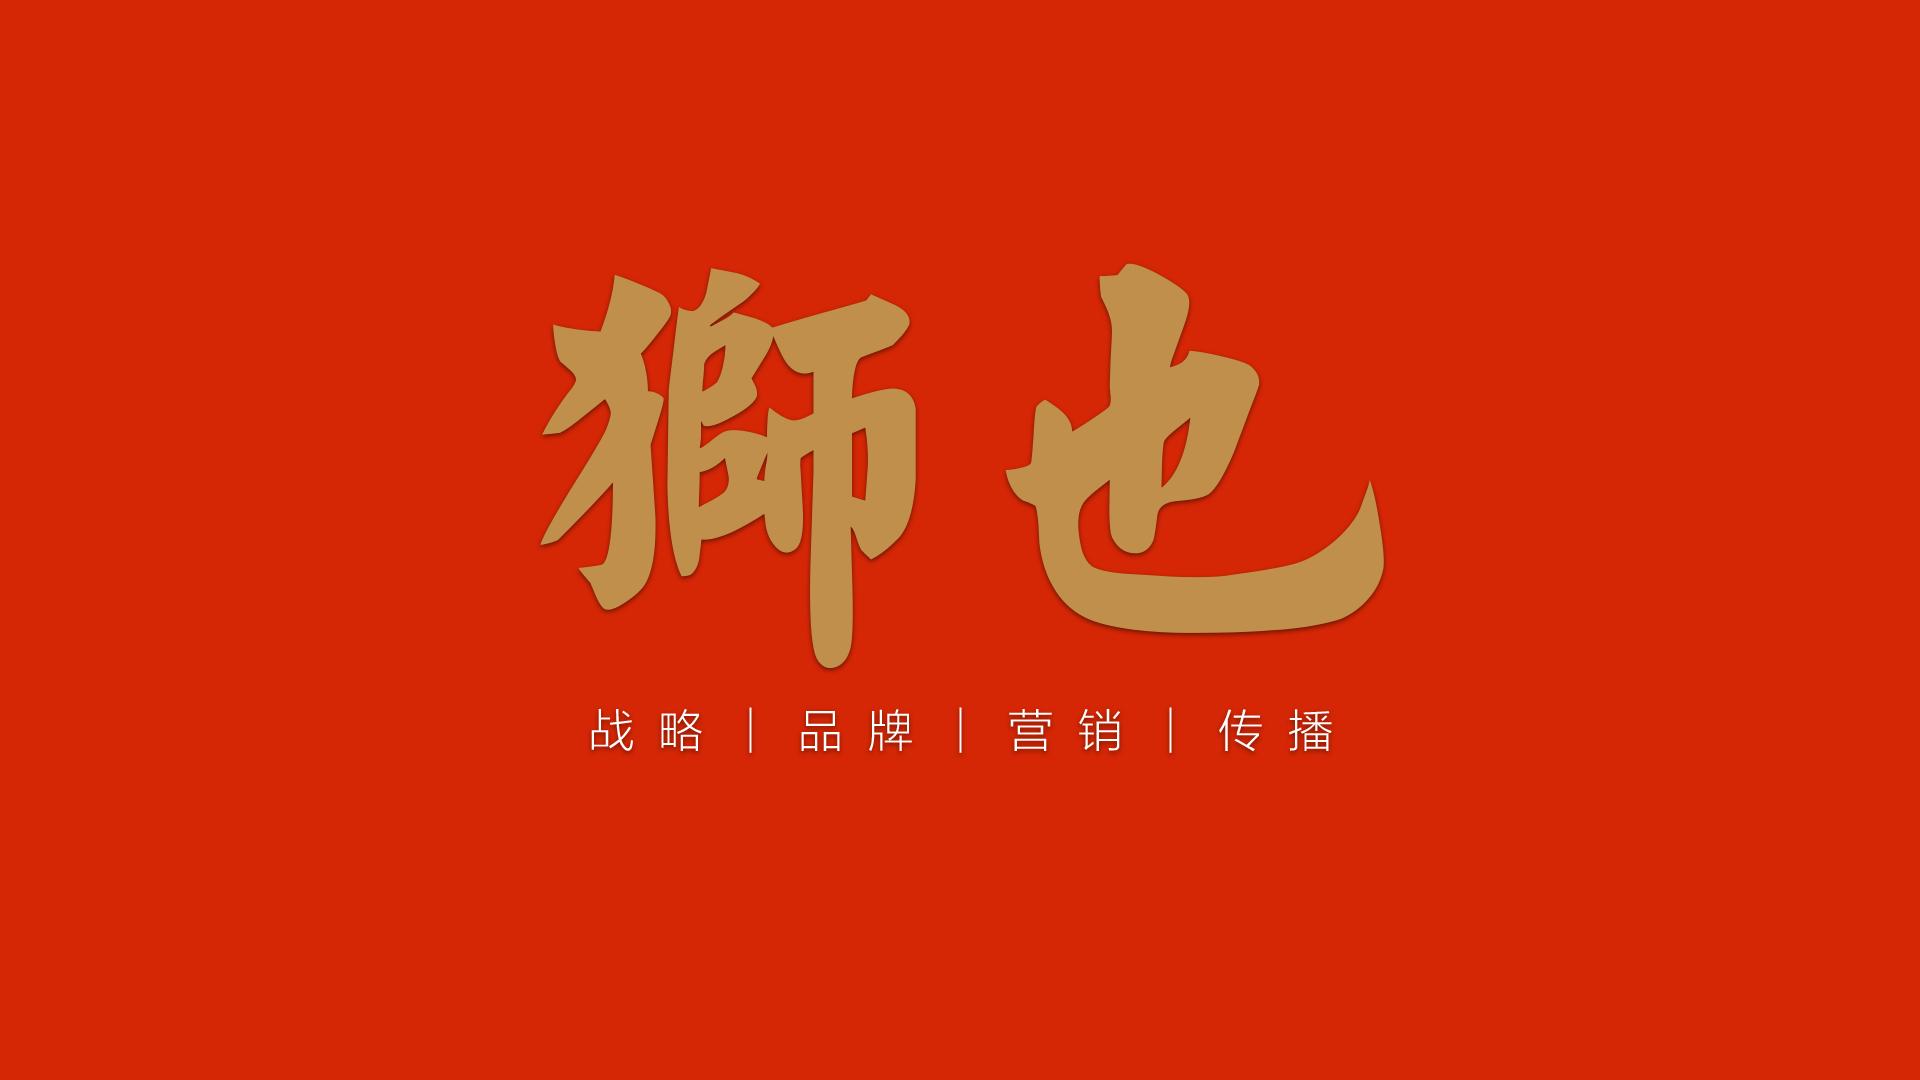 上海营销策划公司—伊利舒化奶:有刚有柔,方是营销之道